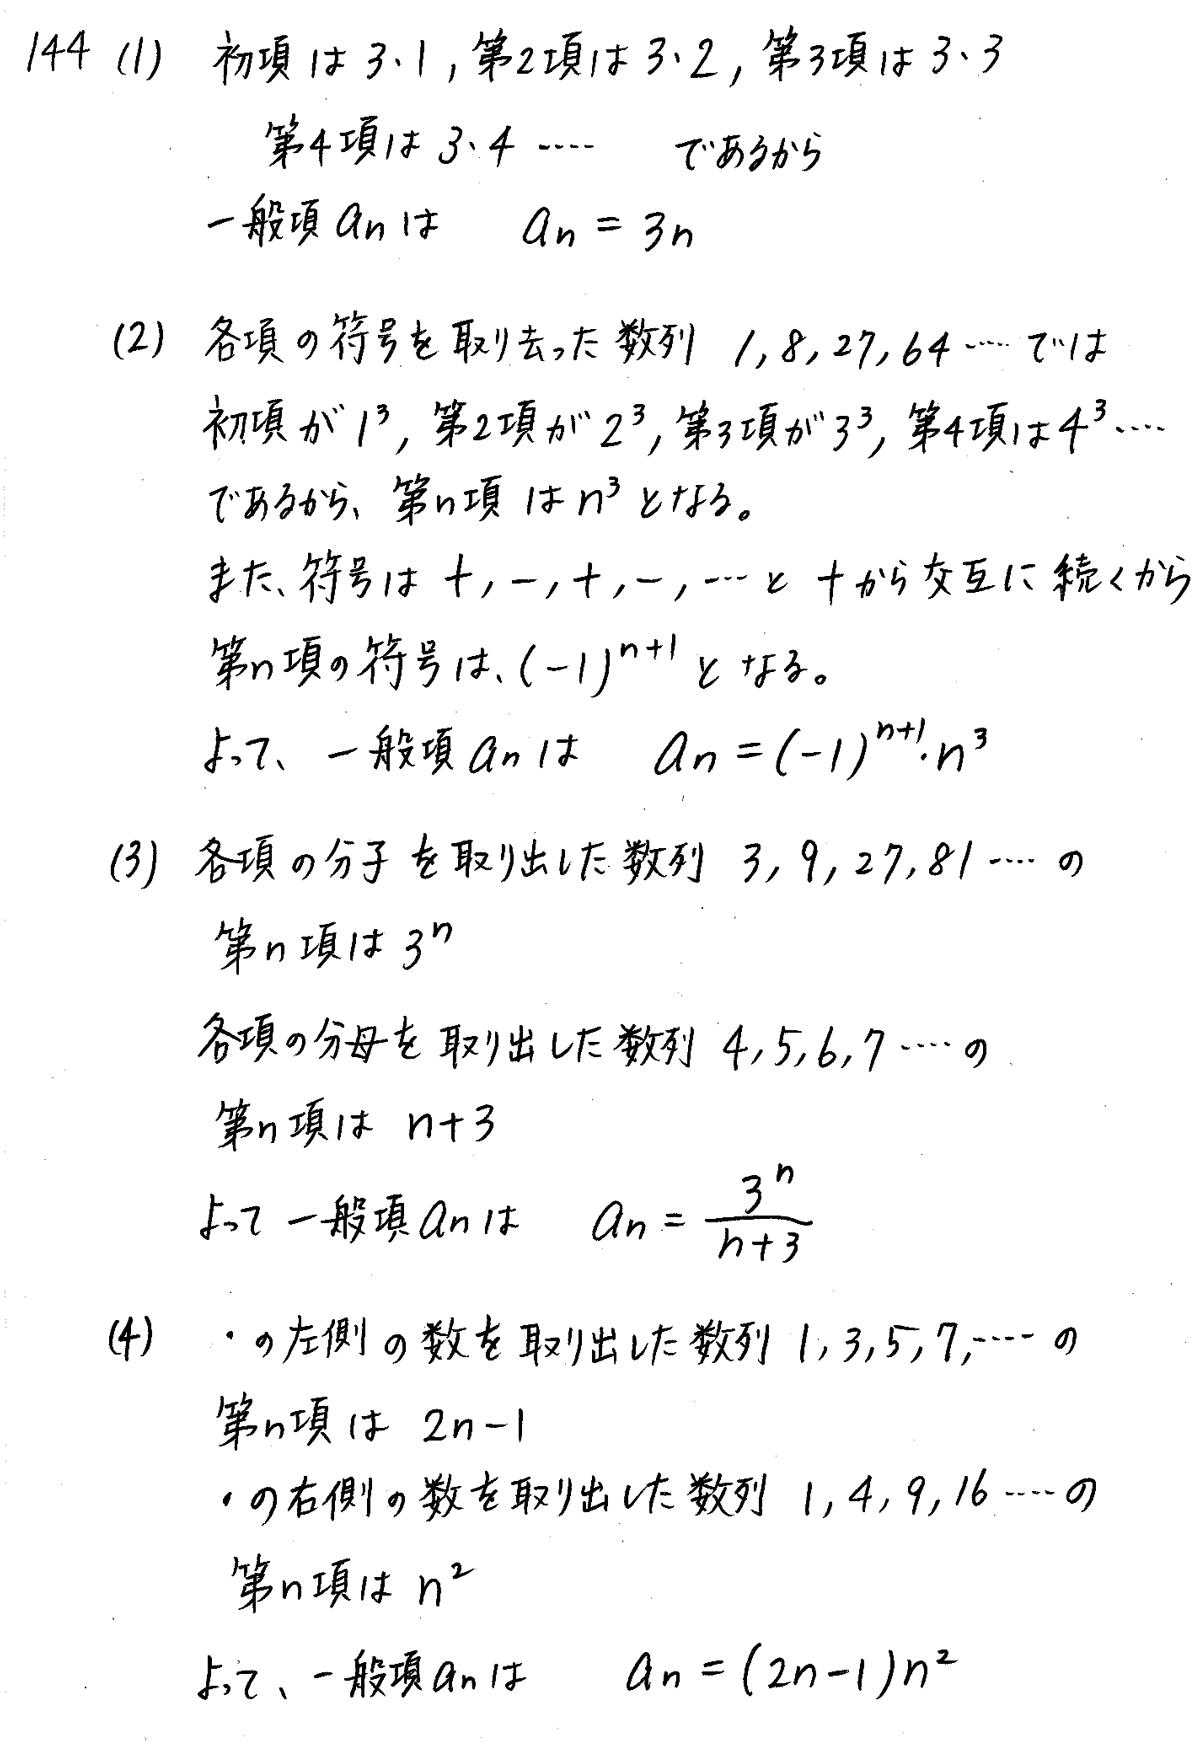 クリアー数学B-144解答